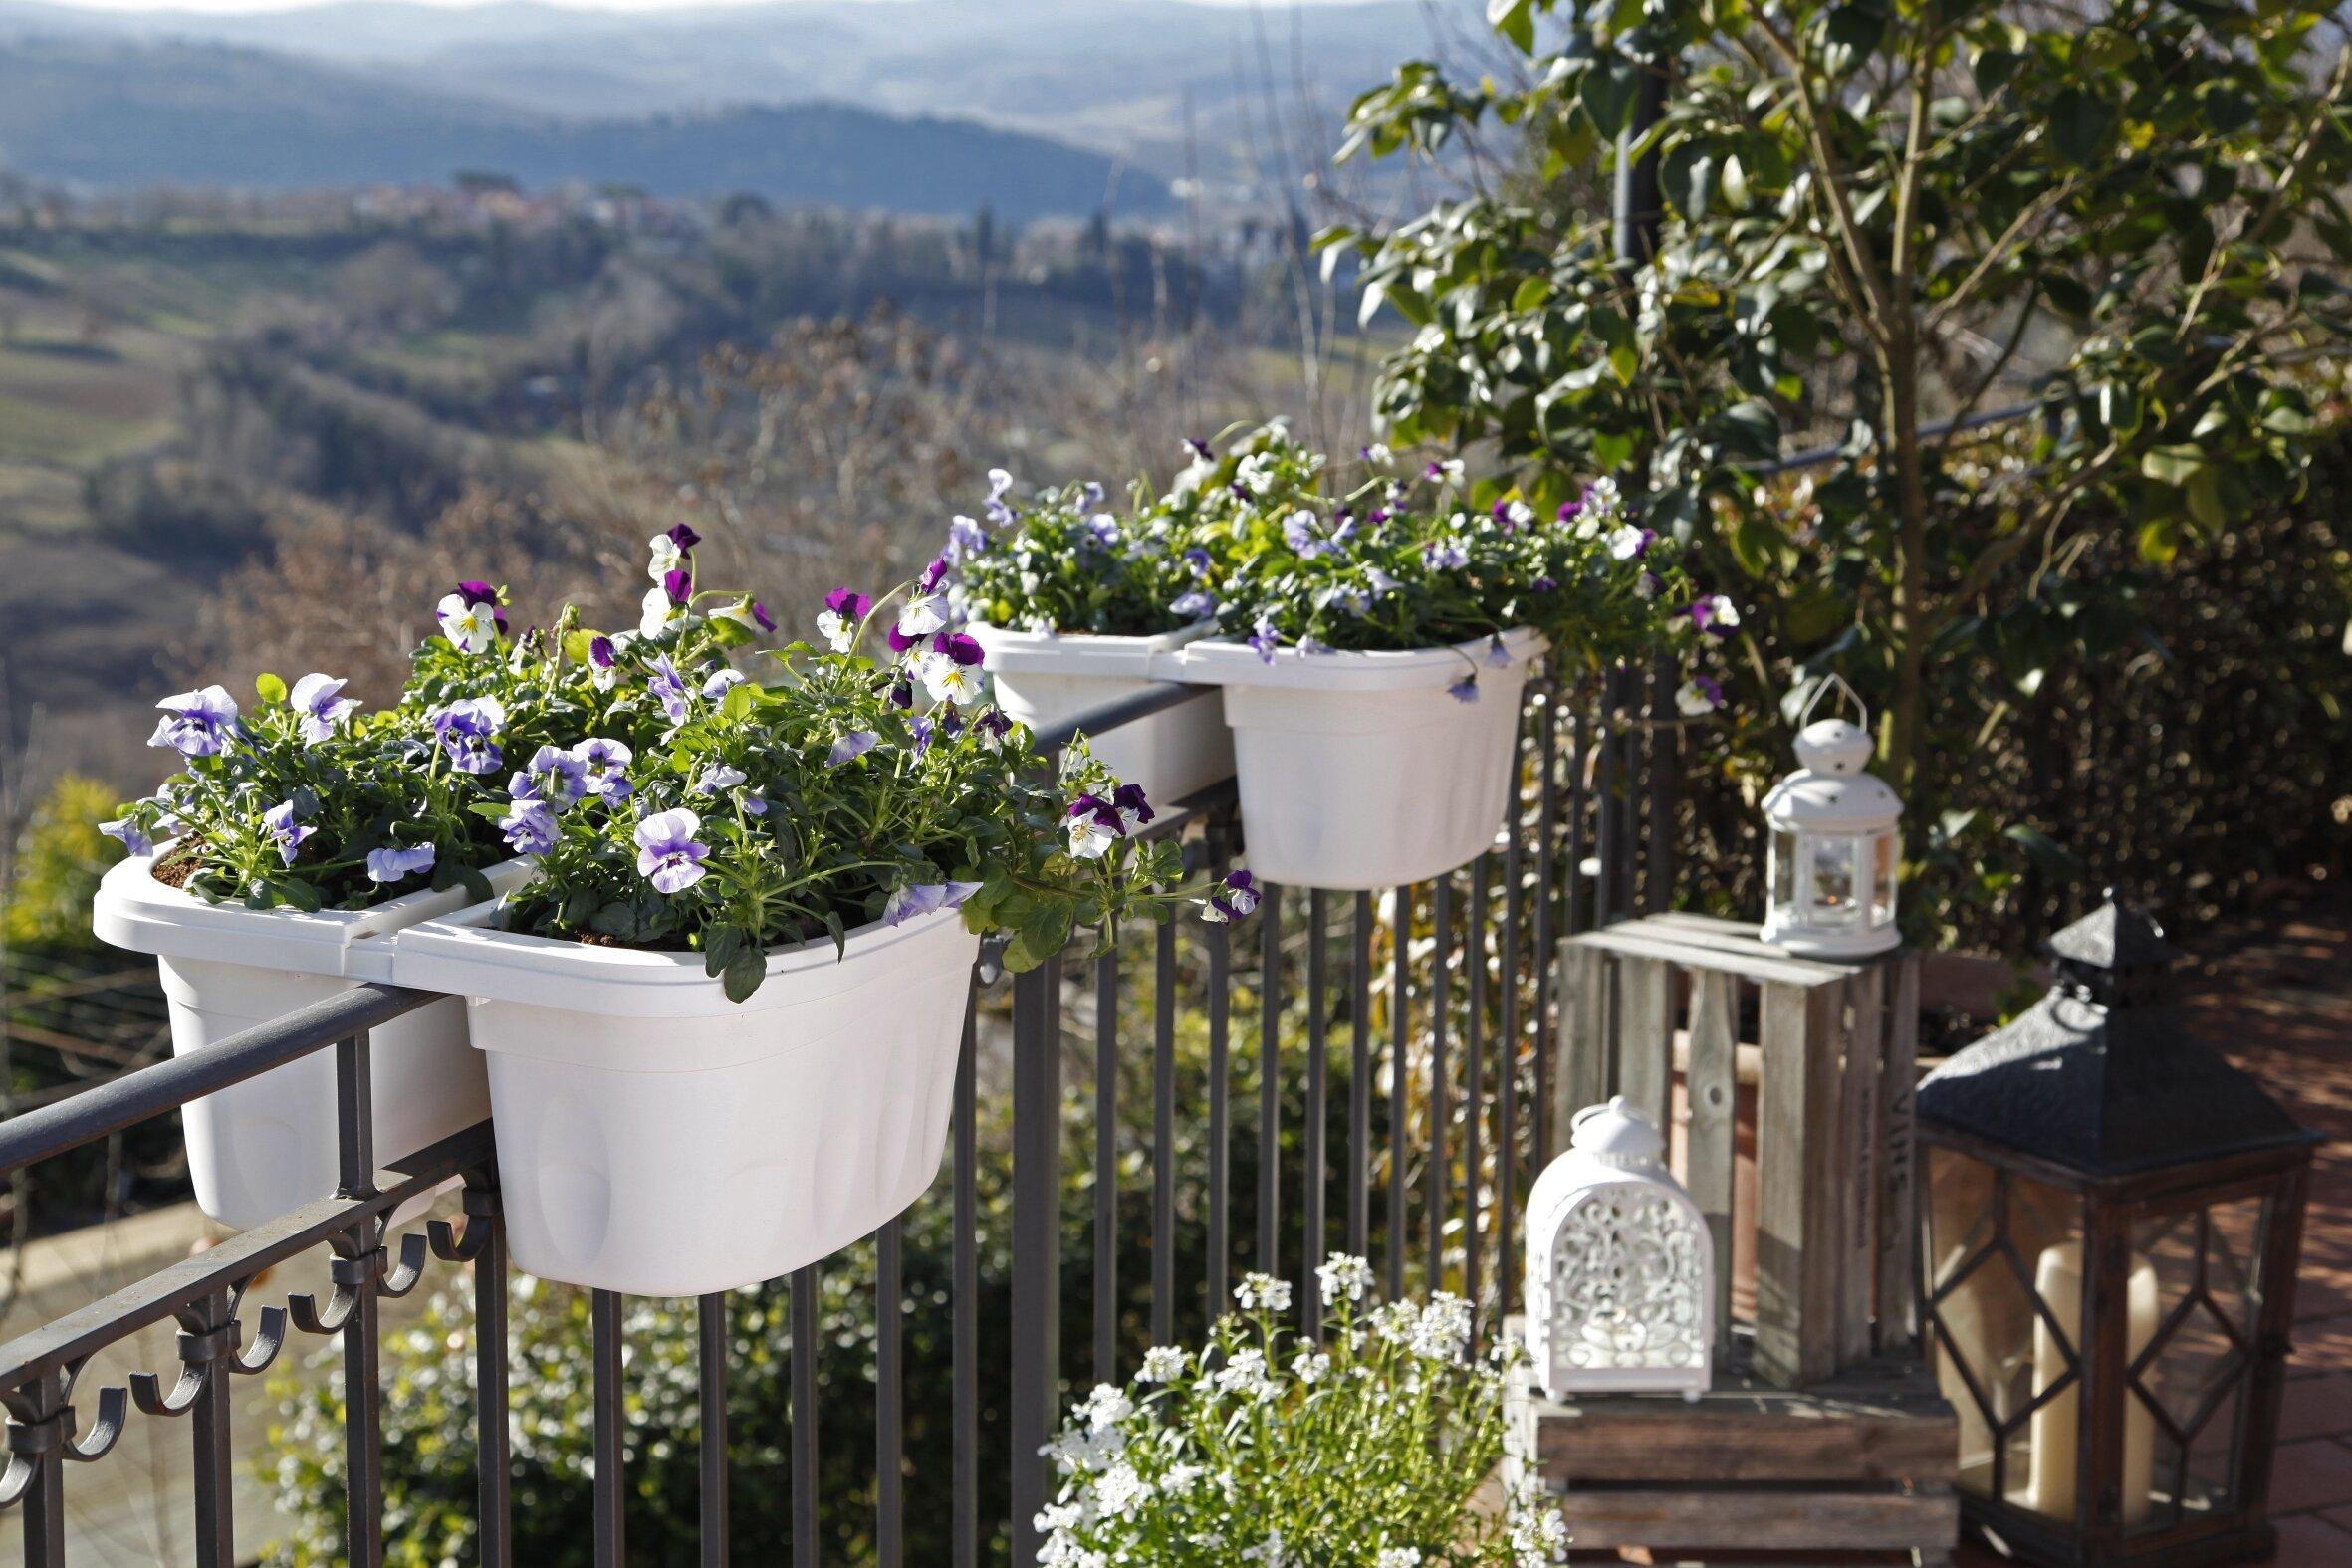 Picture of: Flower Plant Pots Baskets Window Boxes Unique Resin Flowers Pot Wall Fence Hanging Balcony Garden Patio Planter Decor Postamais Com Br